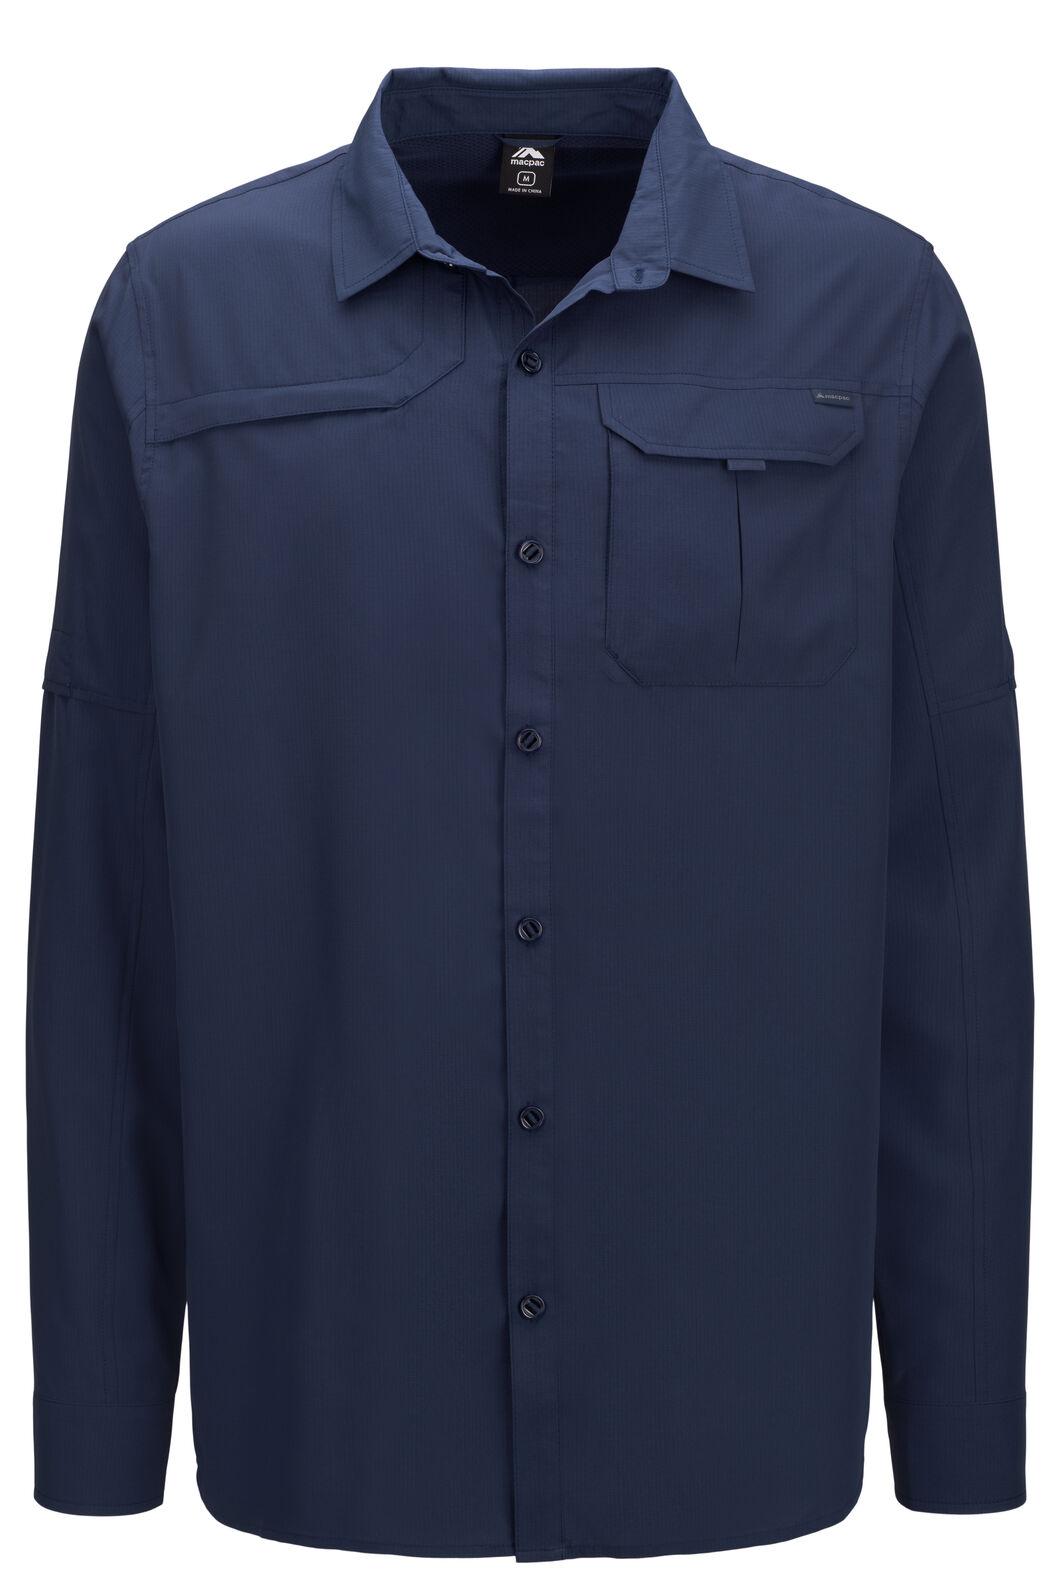 Macpac Men's Ranger Long Sleeve Shirt, Navy Iris, hi-res